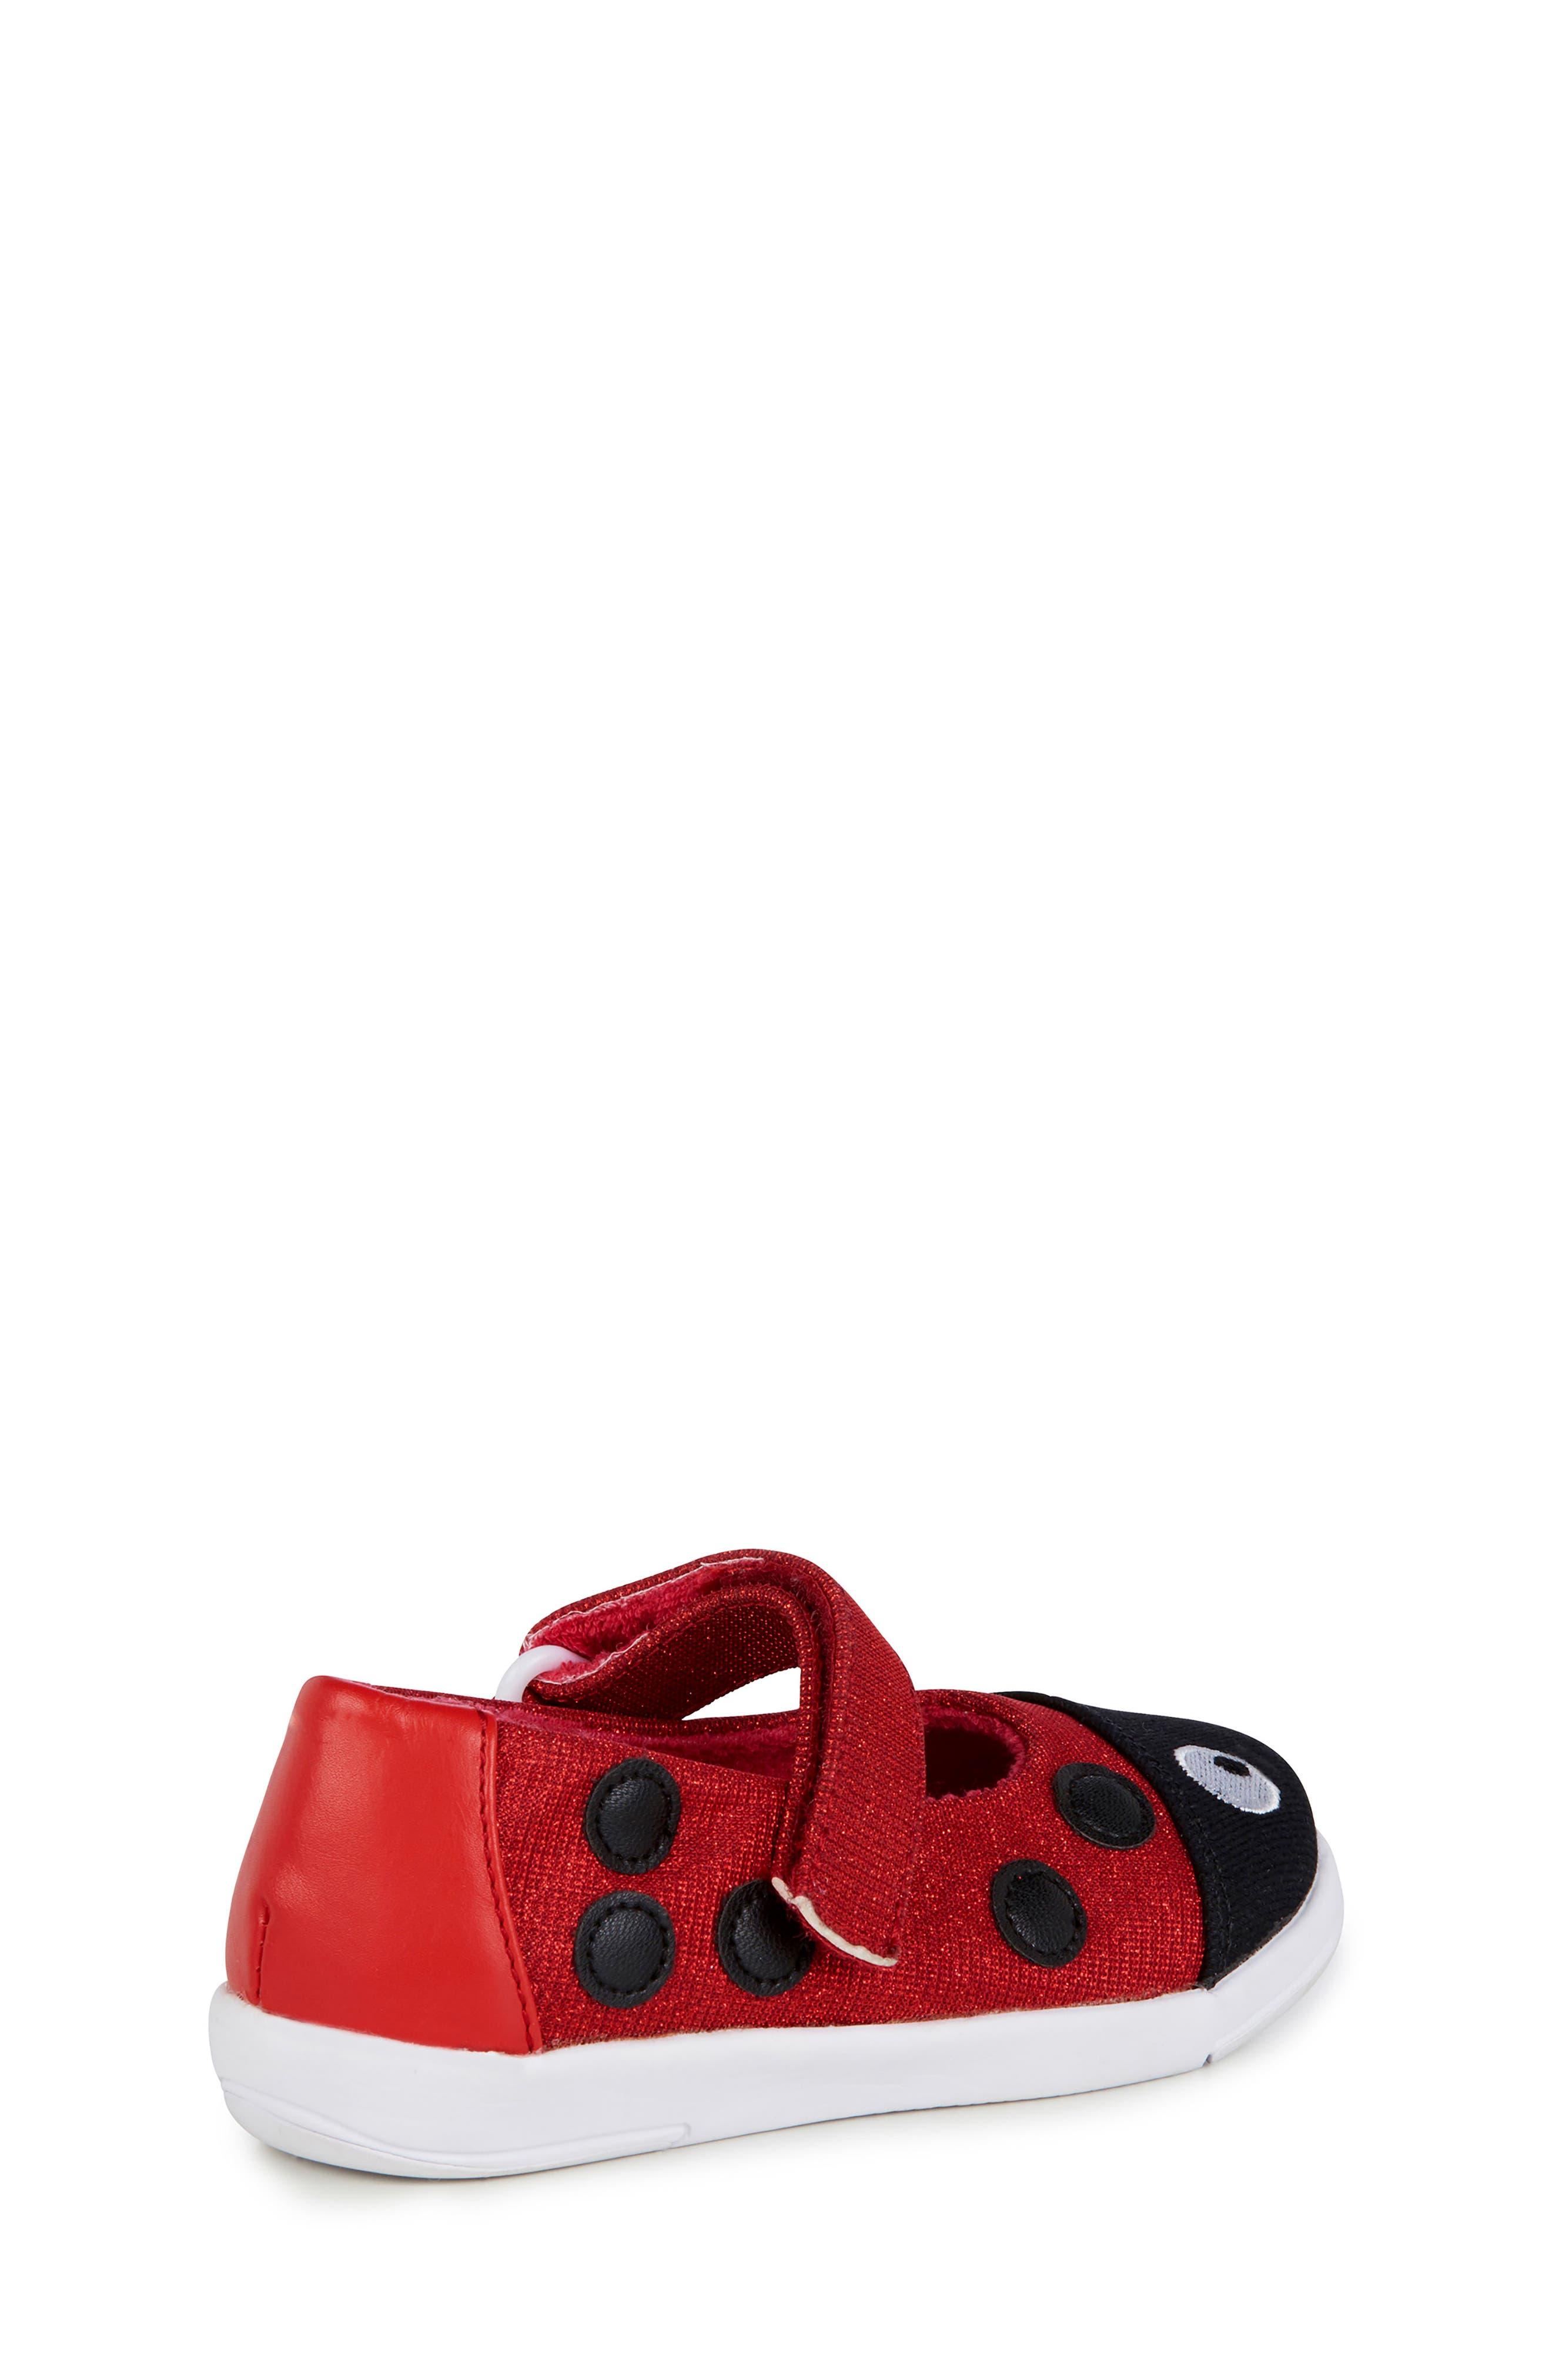 Ladybug Mary Jane,                             Alternate thumbnail 2, color,                             RED